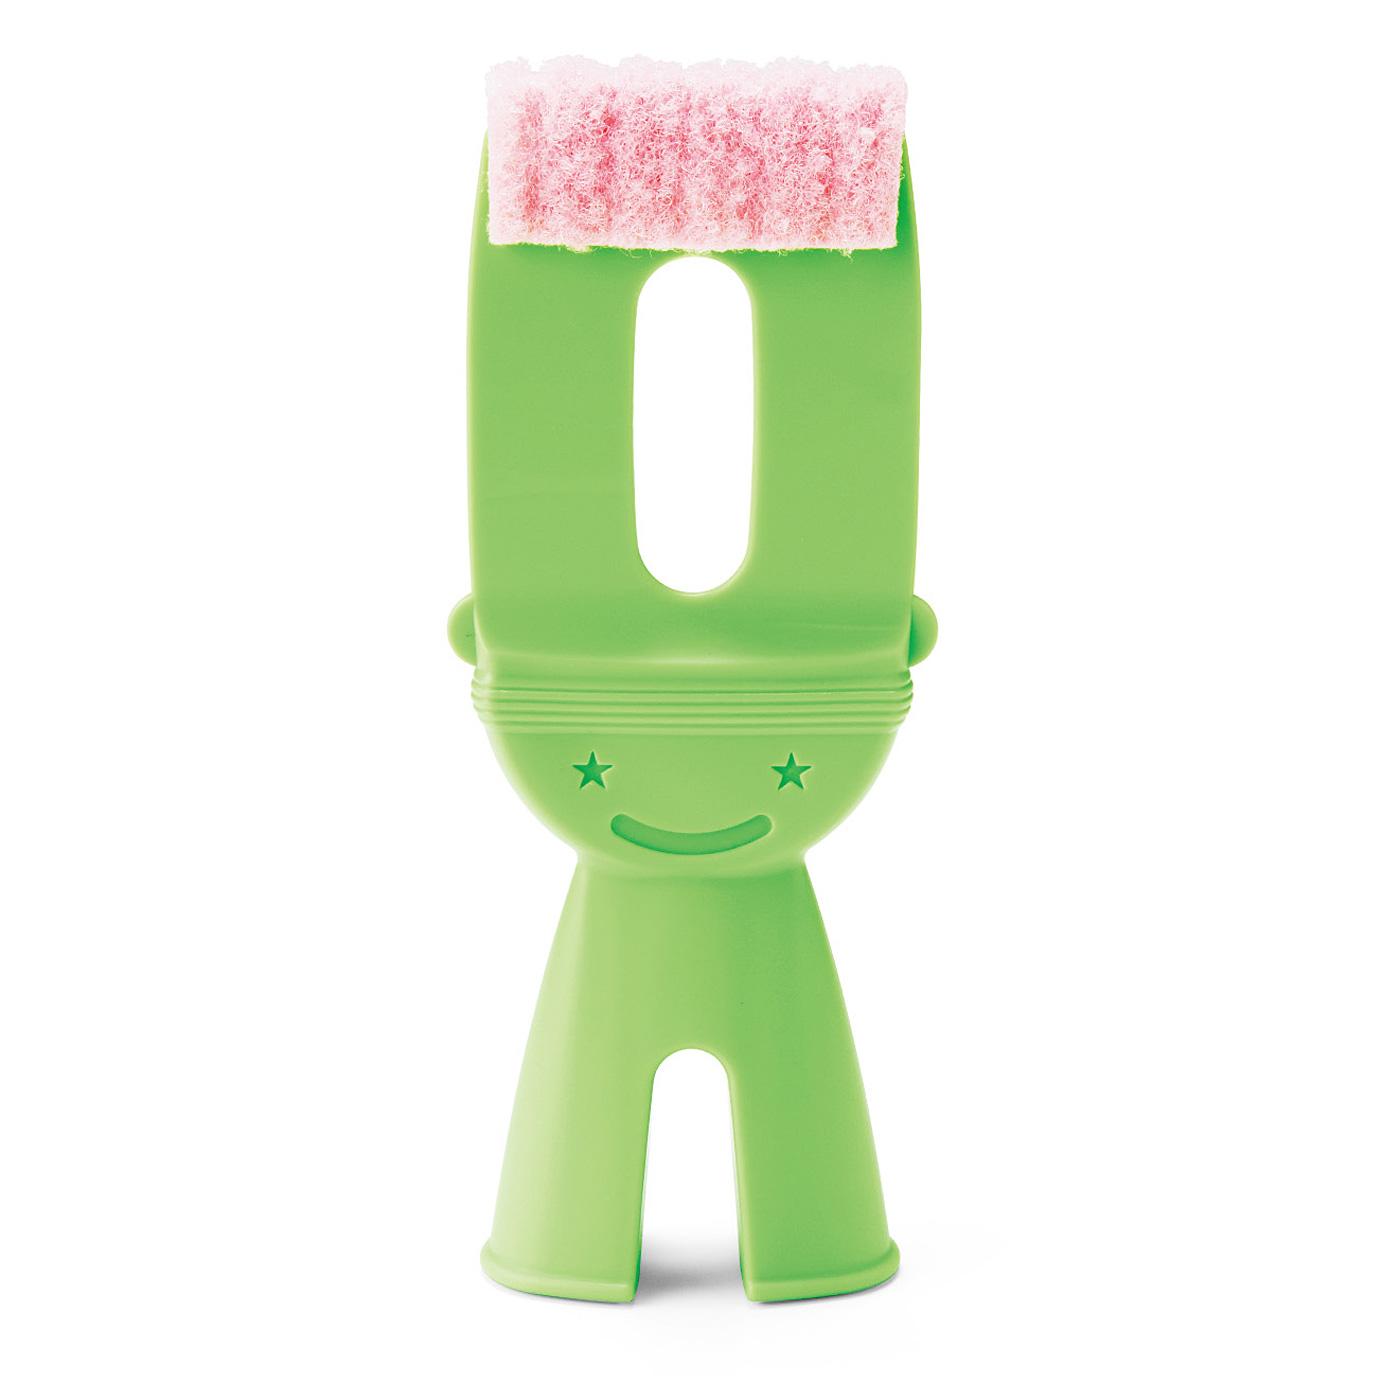 タイルの目地に現れるカビを洗剤を使わずに落とせる、専用スポンジ。